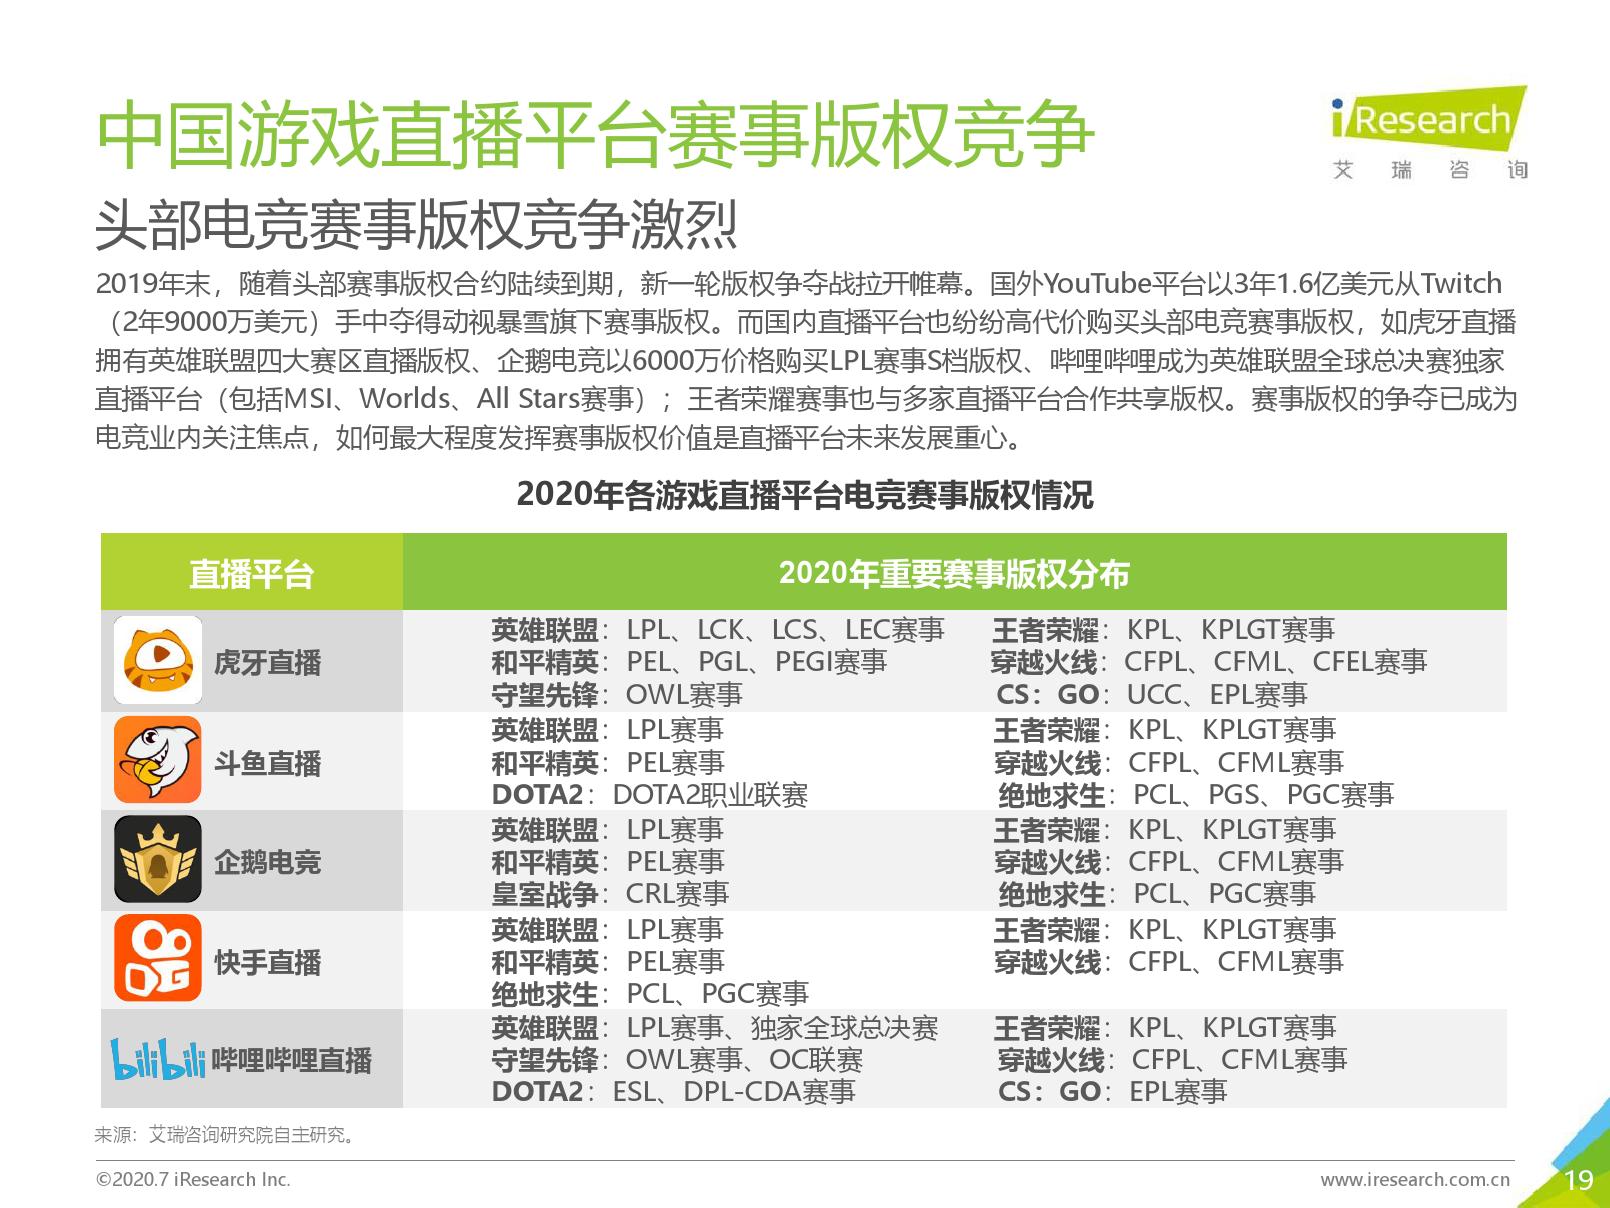 艾瑞咨询:2020年中国游戏直播行业研究报告(可下载报告)插图(37)